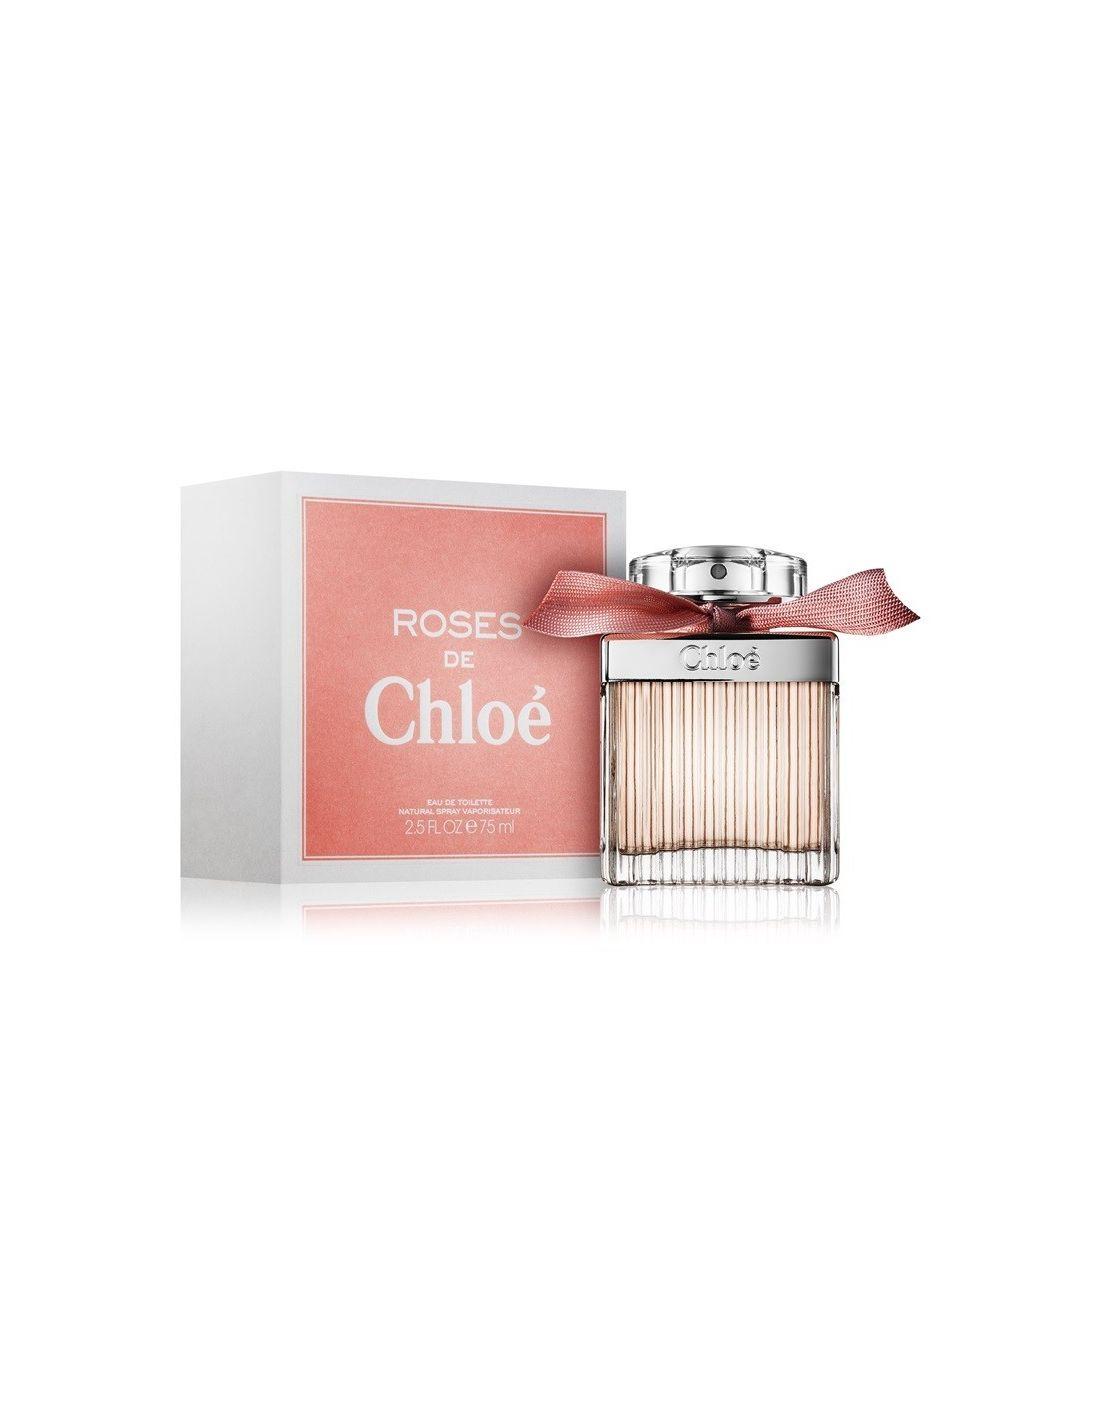 4b2c88e0babf9 Perfume Roses De Chloé Eau de Toilette 75 ml - Perfumes 24 ®